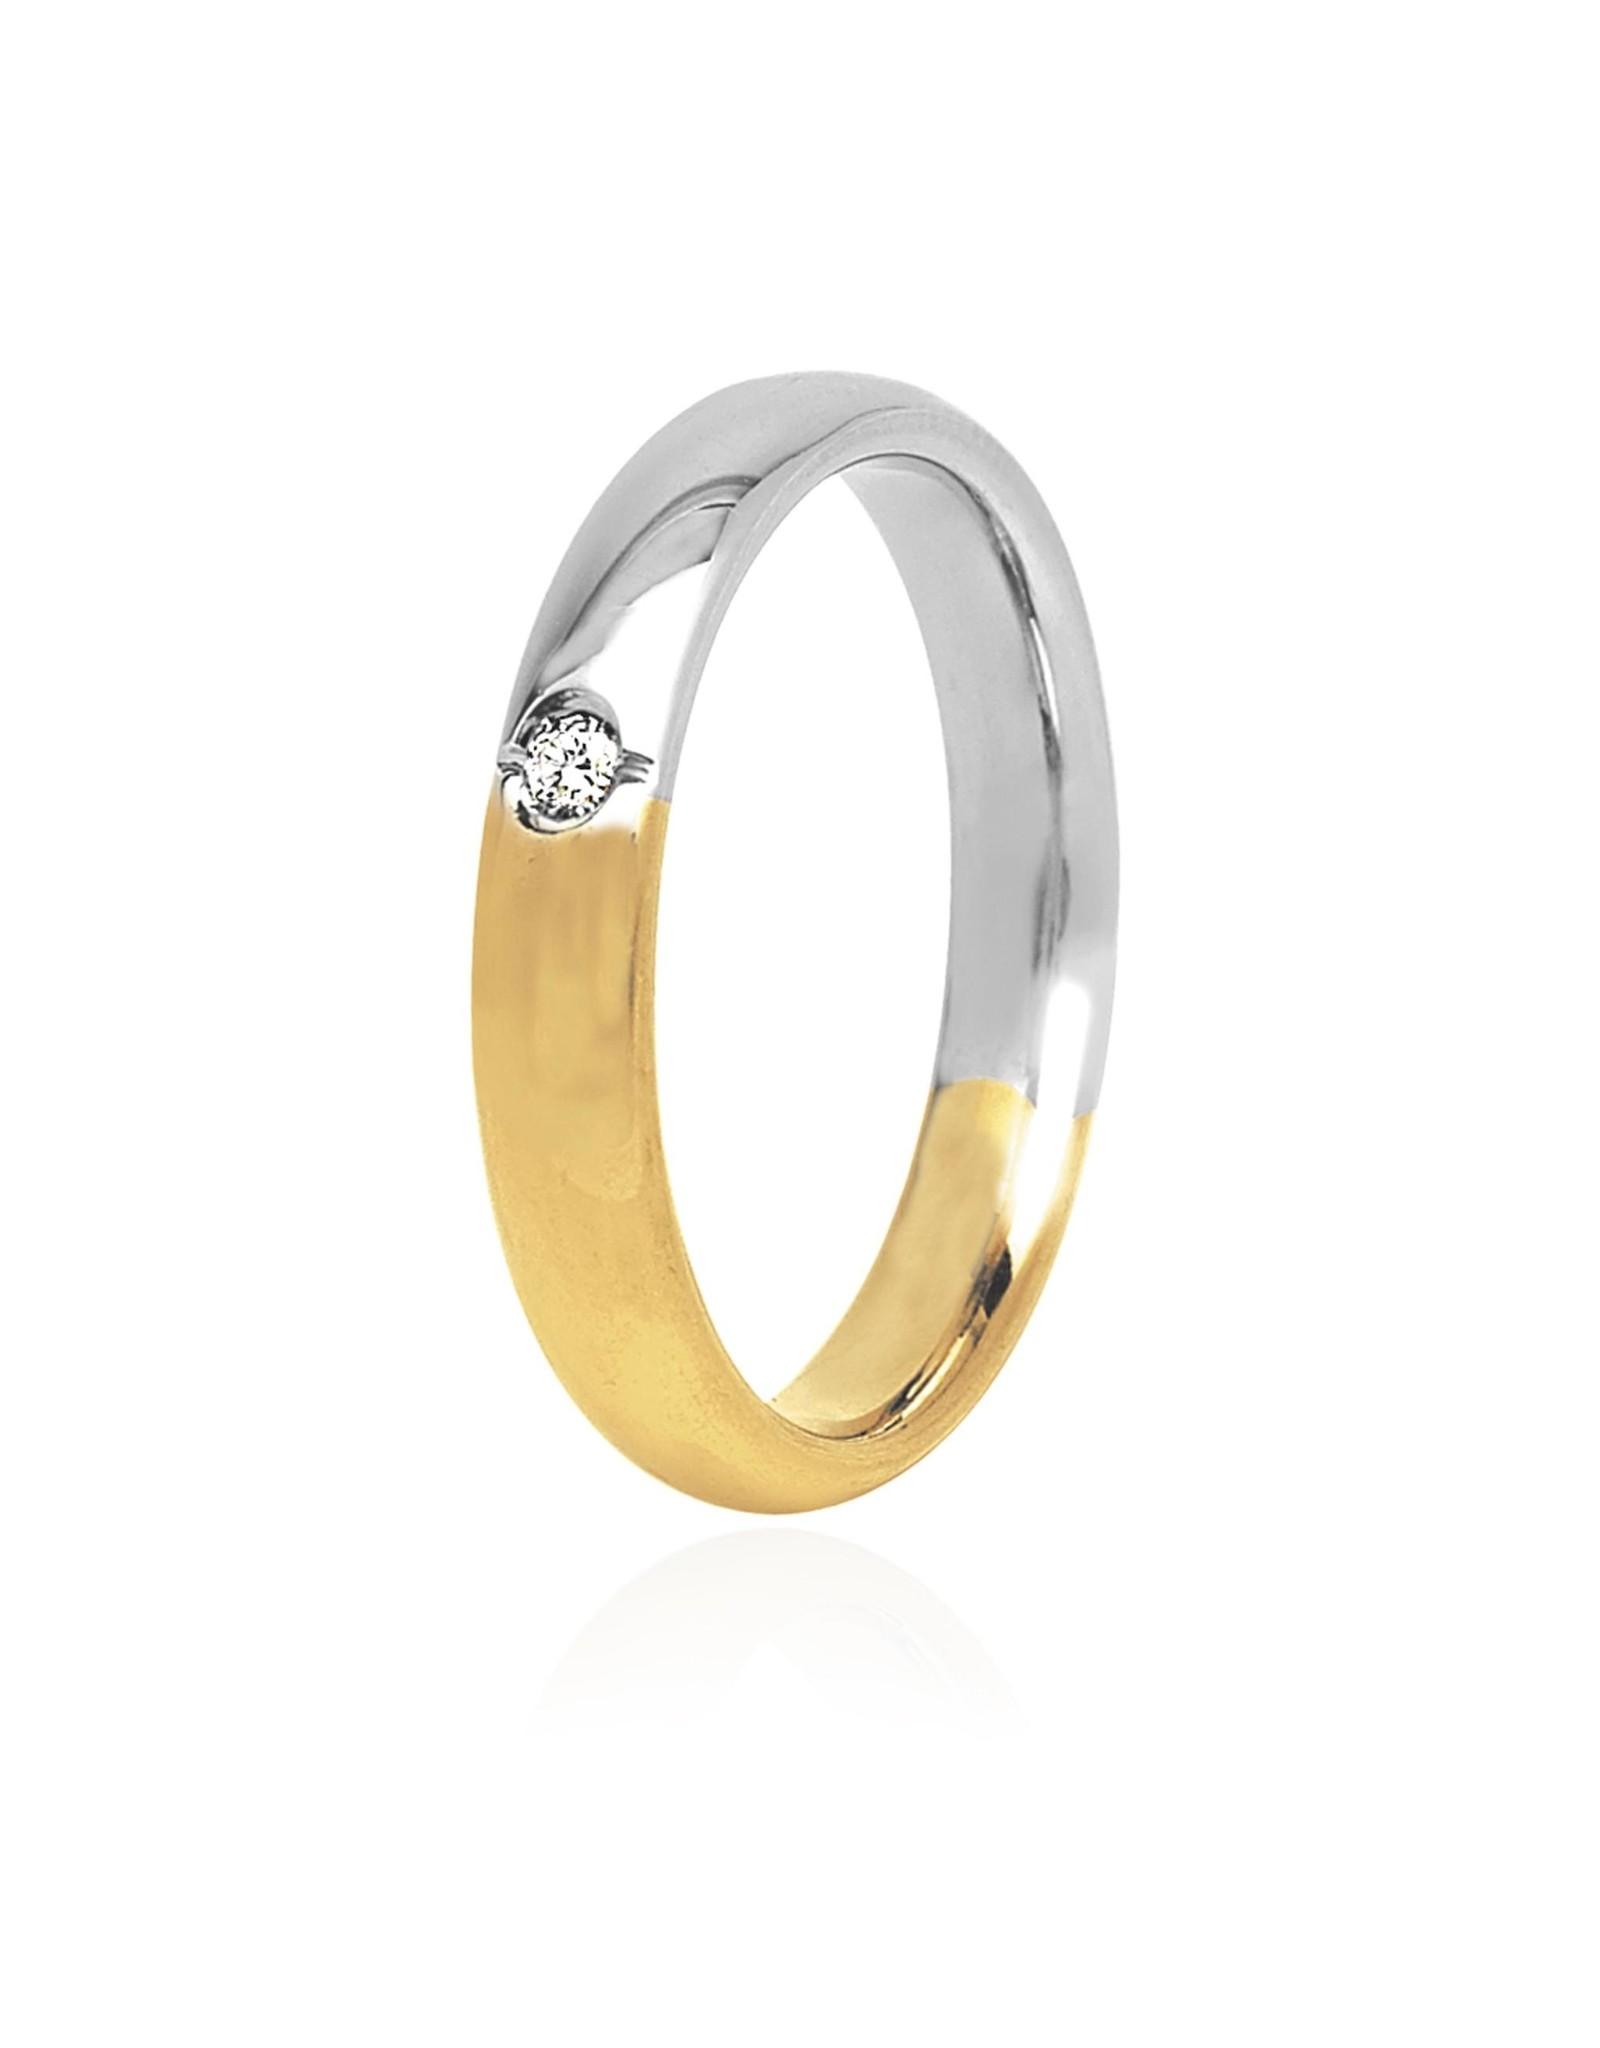 LVN Trouwring Geel En Witgoud Met Diamant